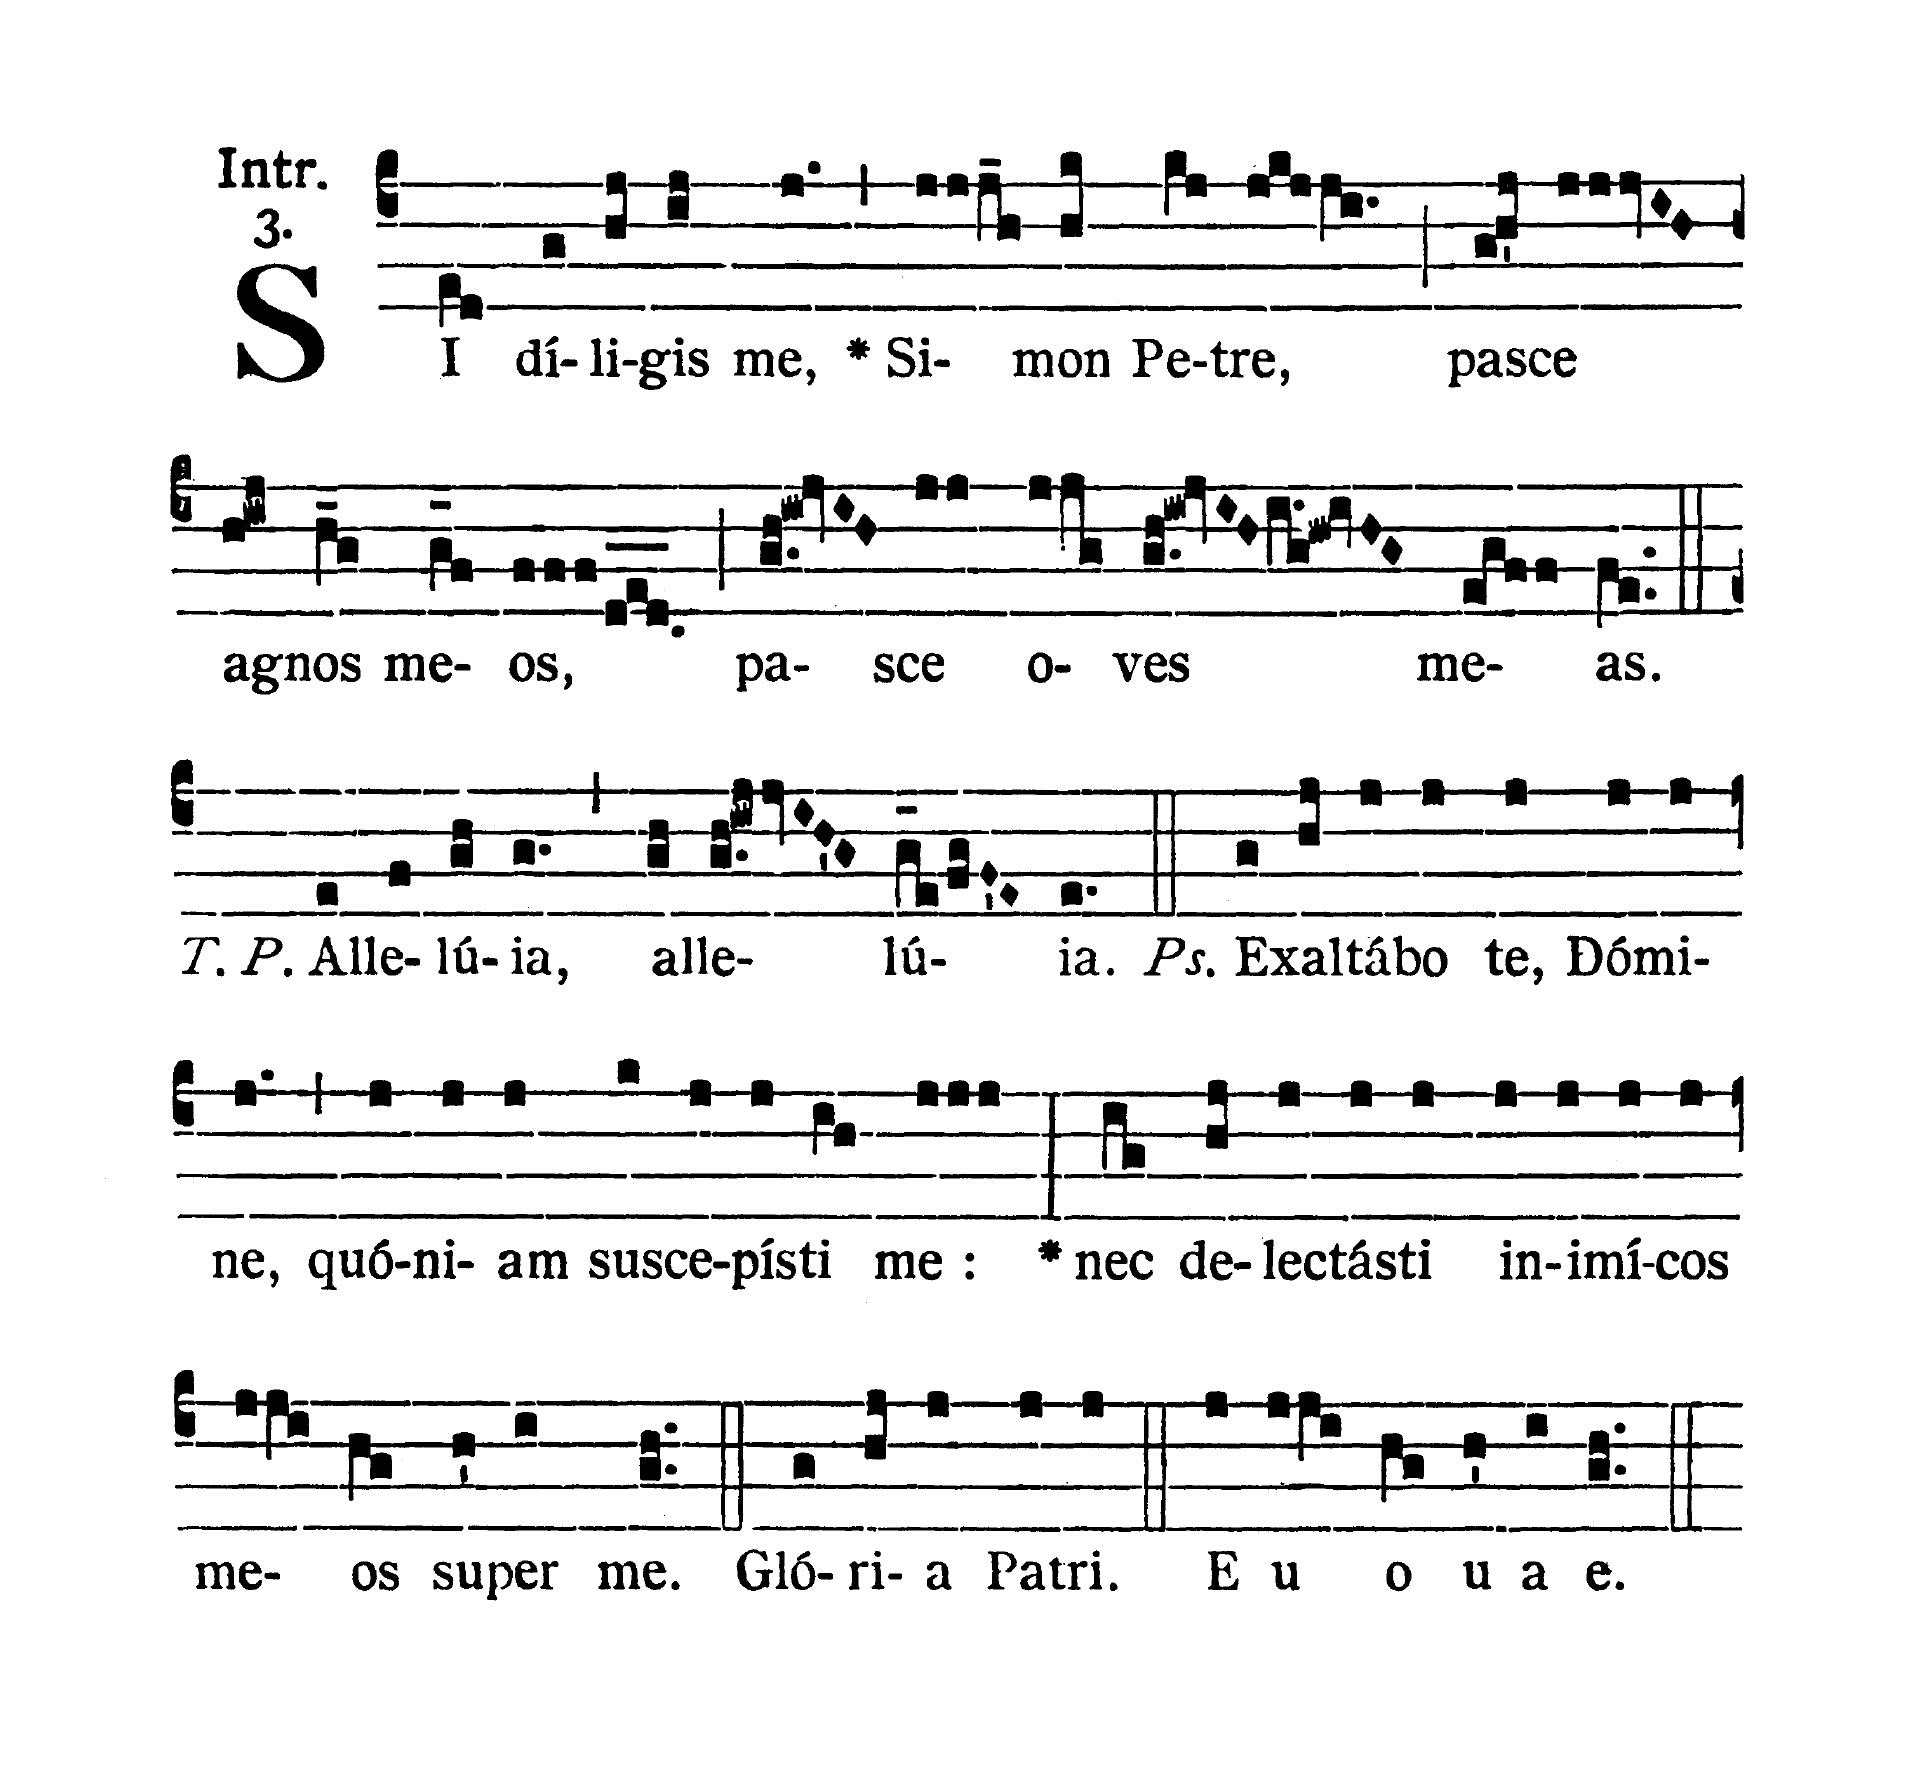 Sancti Silvestri I Papae et Confessoris (St. Sylvester I Pope, Confessor) - Introitus (Si diligis me)